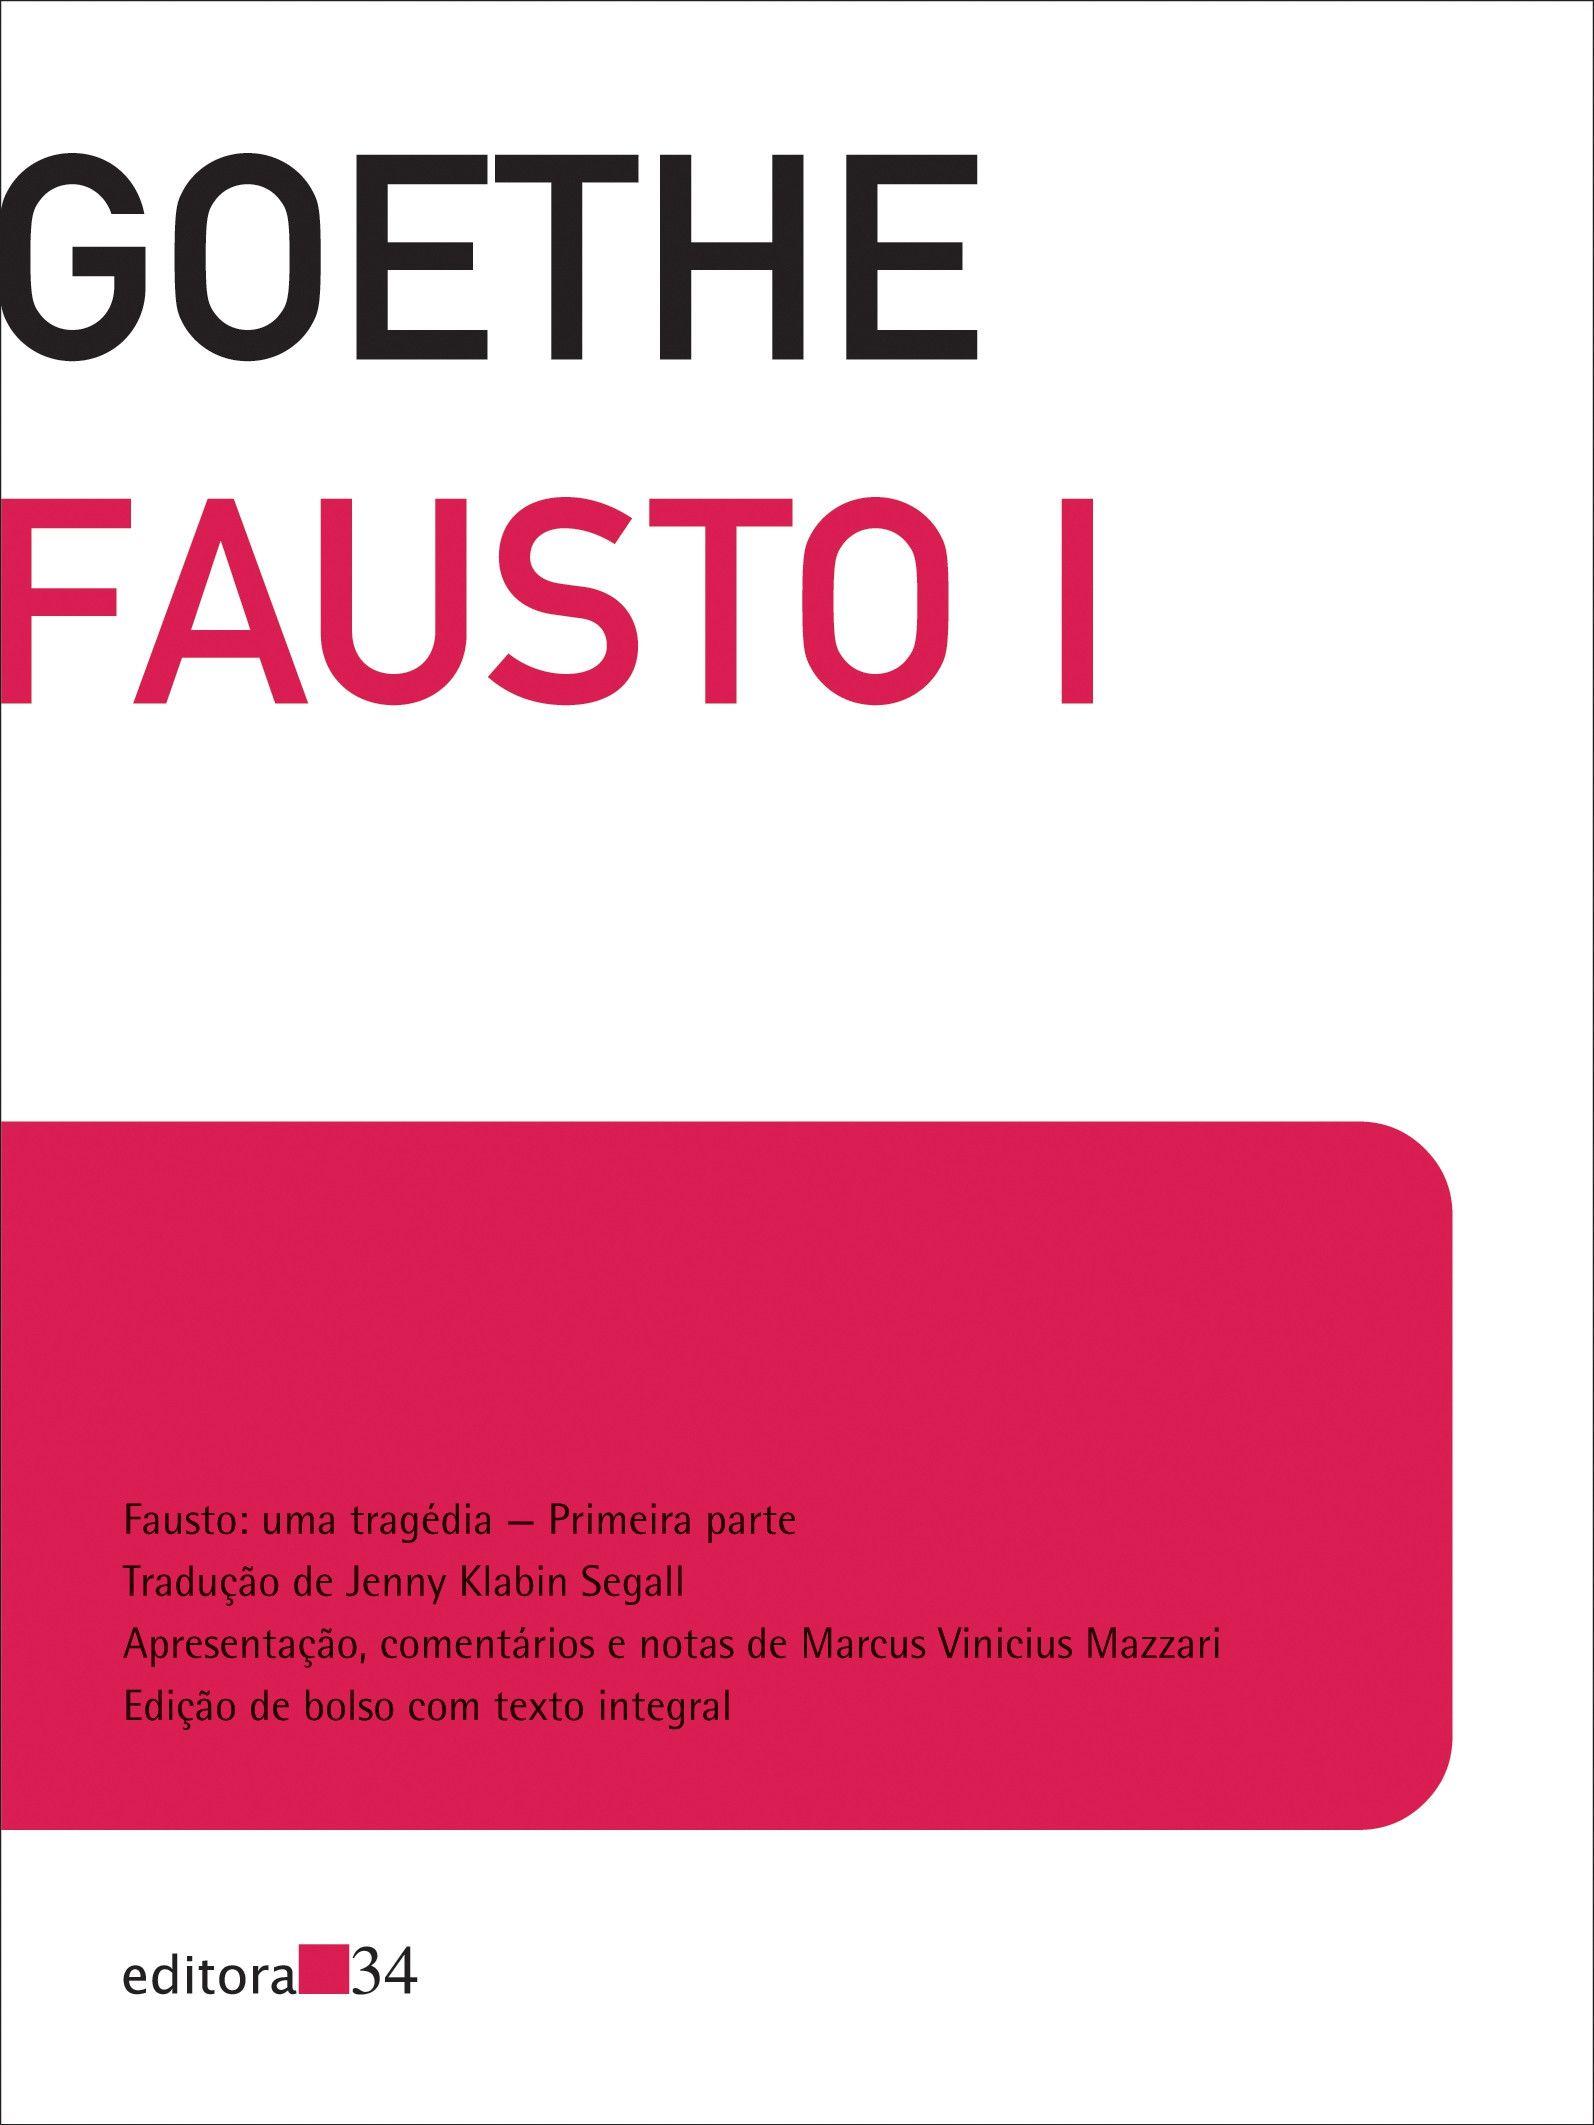 Fausto I - Edição de bolso